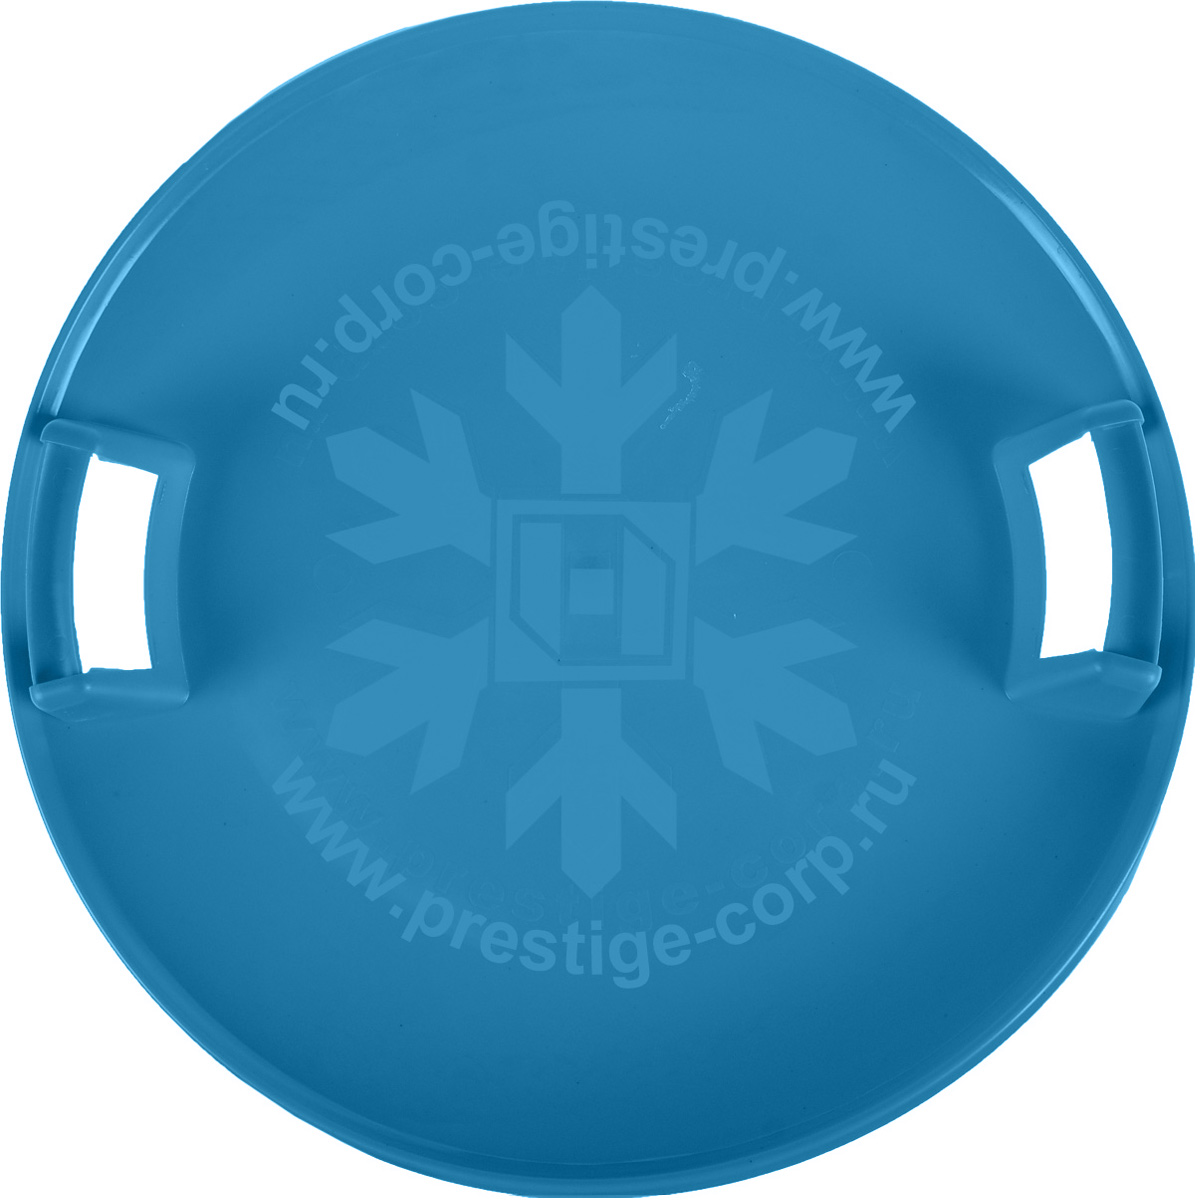 Санки-ледянки Престиж Экстрим, с пластиковыми ручками, цвет: голубой, диаметр 58 смLA010301Любимая детская зимняя забава - это катание с горки. Яркие санки-ледянки Престиж Экстрим станут незаменимым атрибутом этой веселой детской игры. Санки-ледянки Престиж Экстрим - это специальная пластиковая тарелка, облегчающая скольжение и увеличивающая скорость движения по горке. Круглая ледянка выполнена из прочного морозоустойчивого пластика и снабжена двумя удобными пластиковыми ручками, чтобы катание вашего ребенка было безопасным. Отличная скорость, прочный материал и спуск, который можно закончить сидя спиной к низу горки - вот что может предоставить это изделие! Благодаря малому весу, ледянку, в отличие от обычных санок, легко нести с собой даже ребенку.